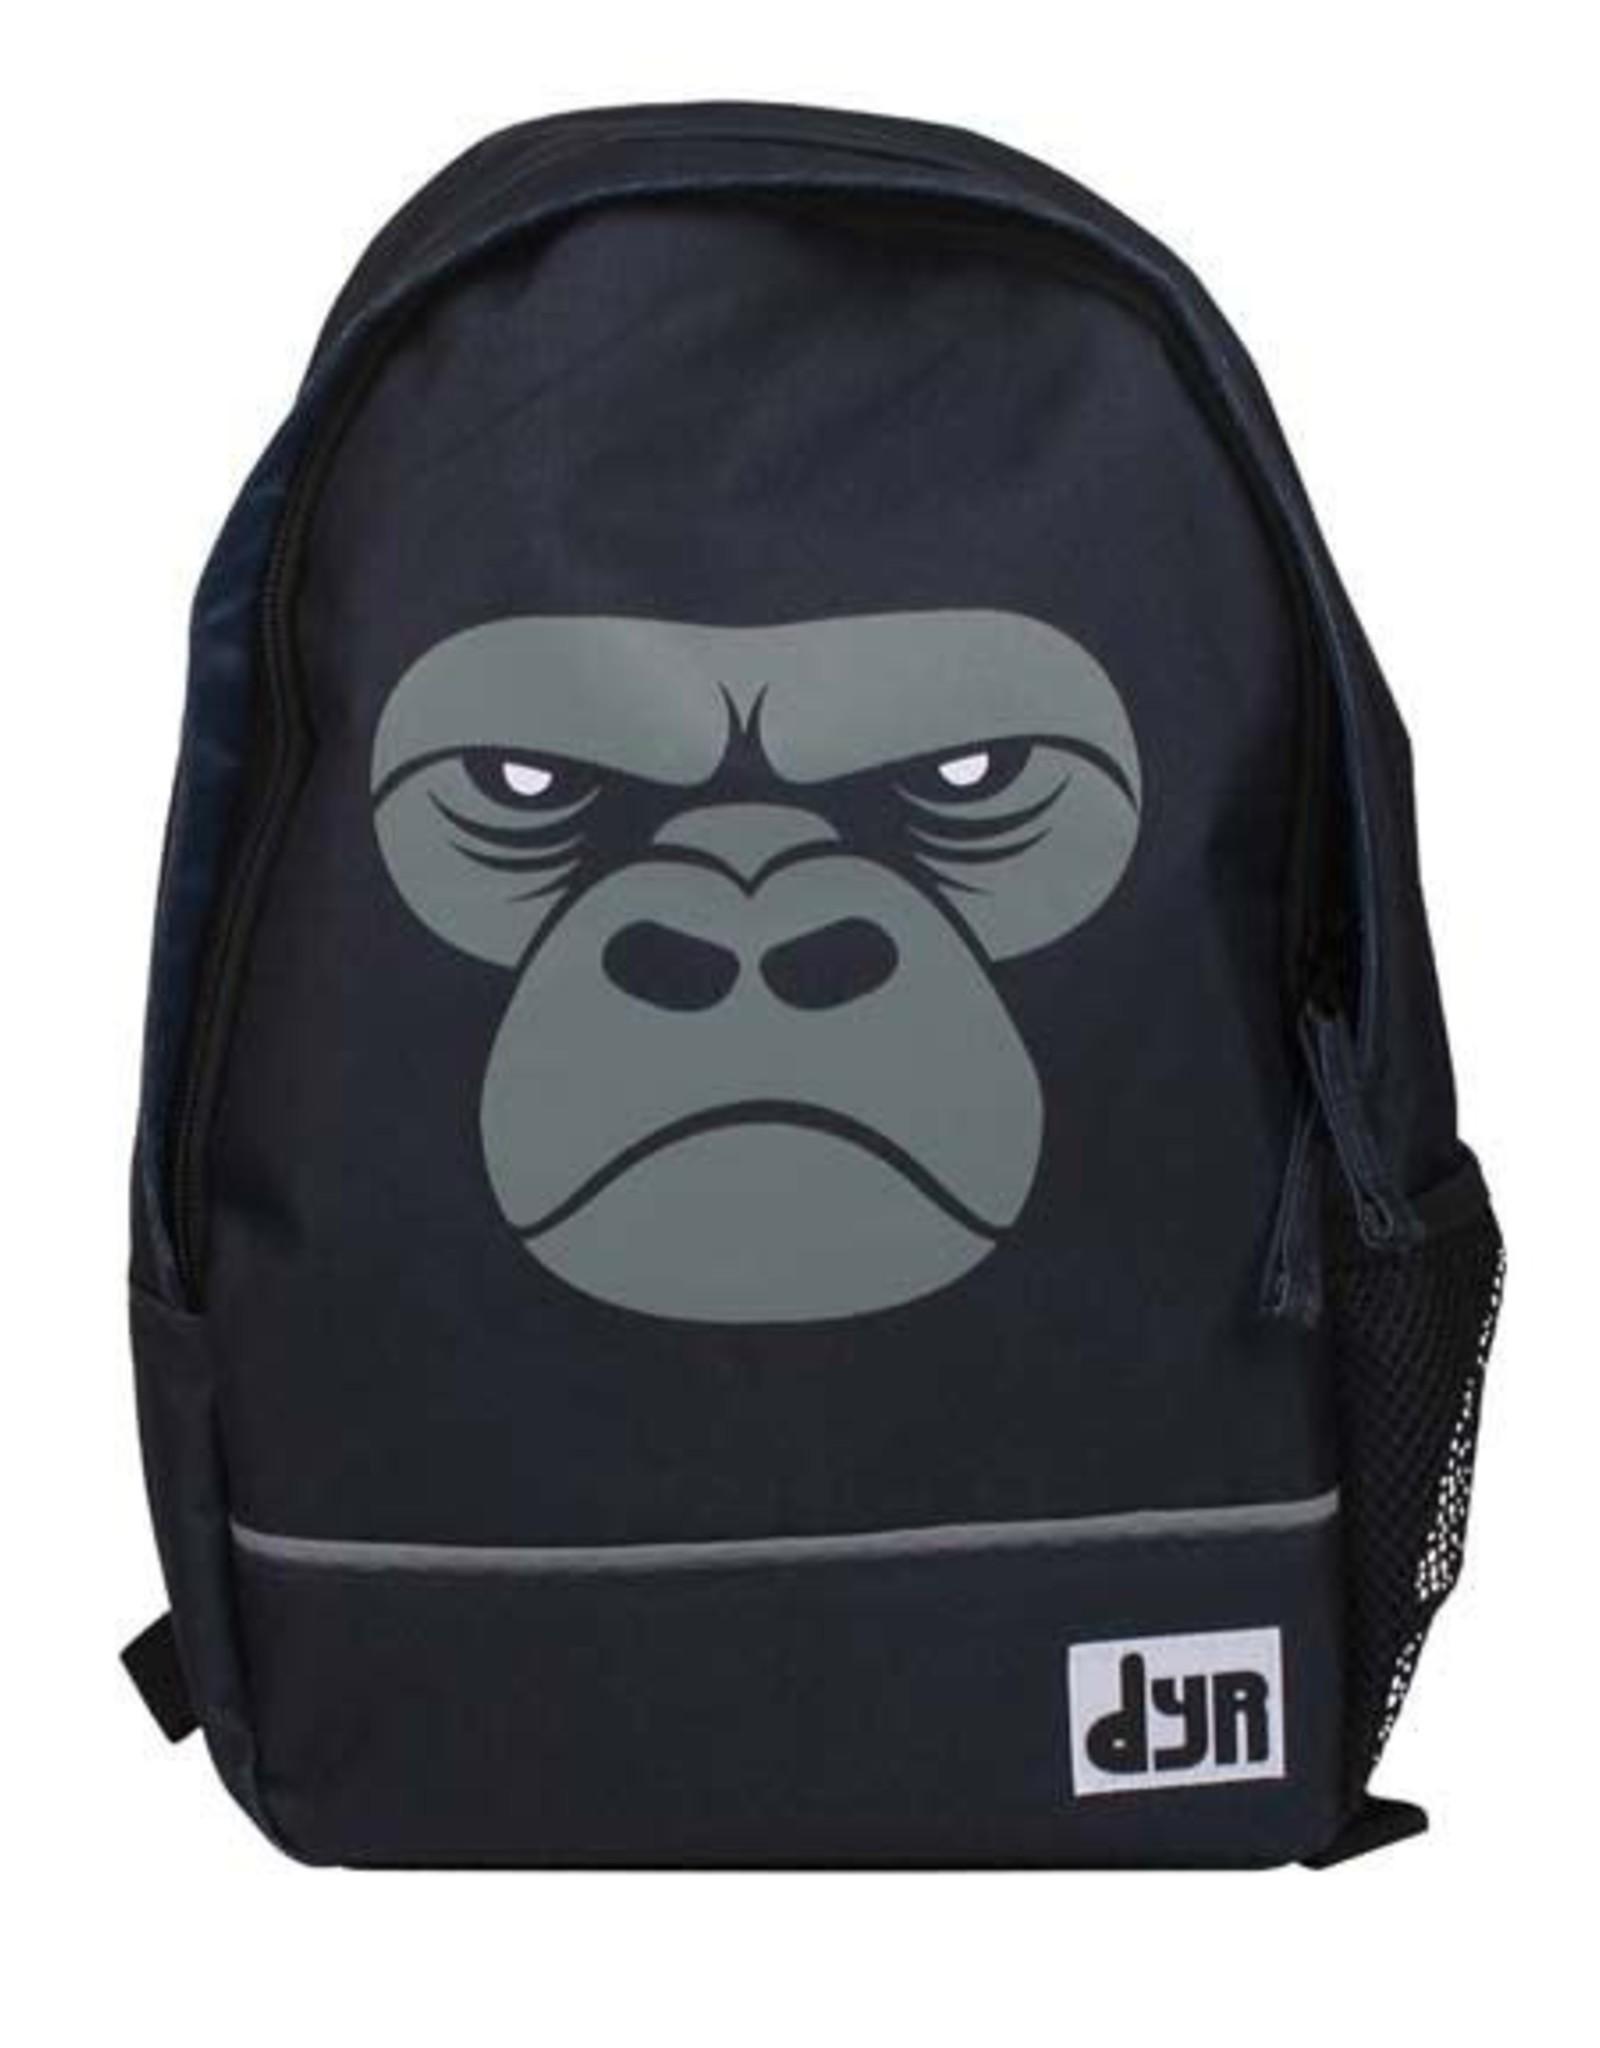 Dyr Rugzak Met Gorilla